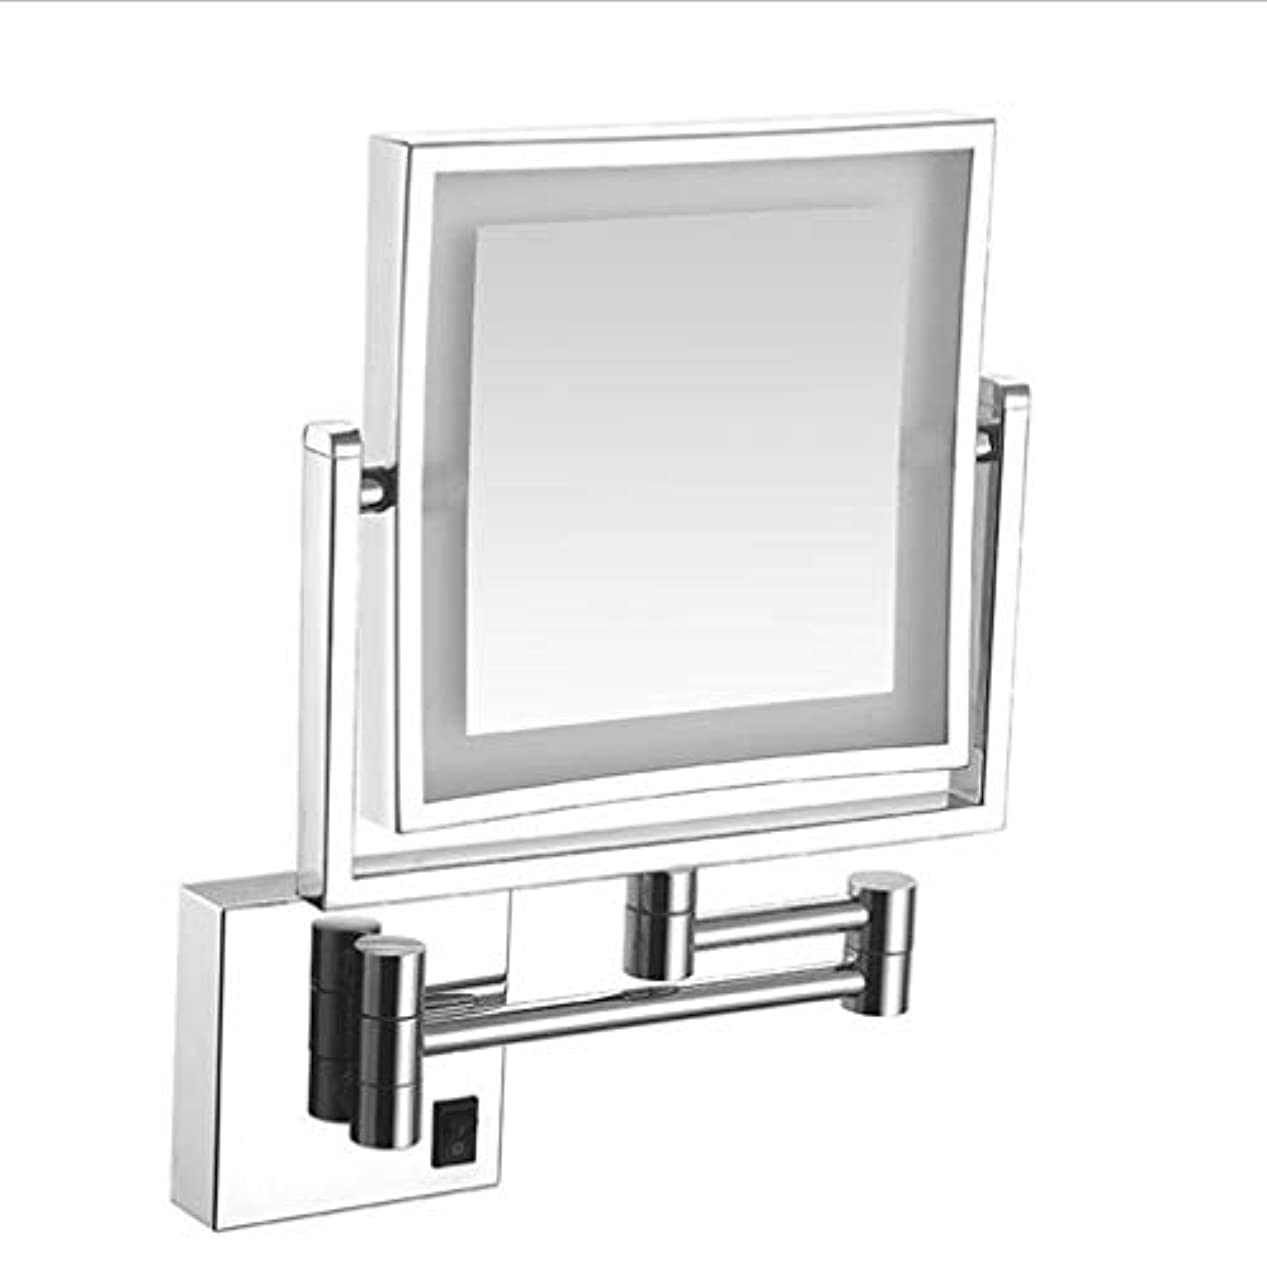 ロケーション青写真つかの間CUUYQ 化粧鏡LEDライト、両面 3倍拡大 けメイクミラー 360 °回転 壁掛け式 伸縮可能折り 化粧ミラー 8インチハードワイヤード接続,Silver